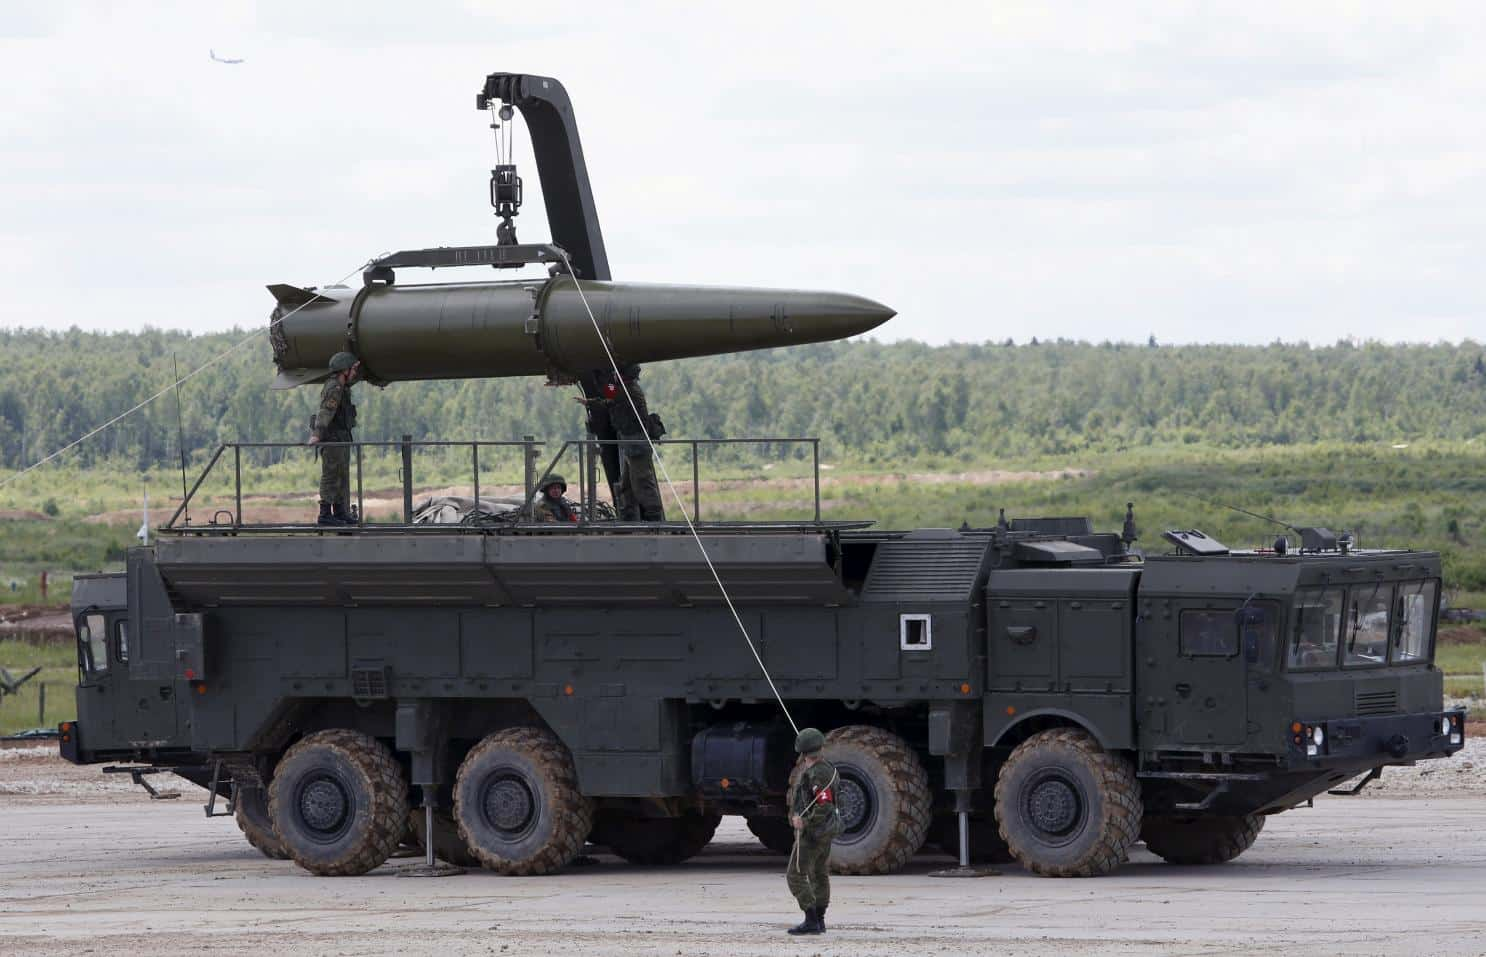 ΝΑΤΟ: Νέα μέτρα κατά της Ρωσίας για τους πυραύλους 9M729